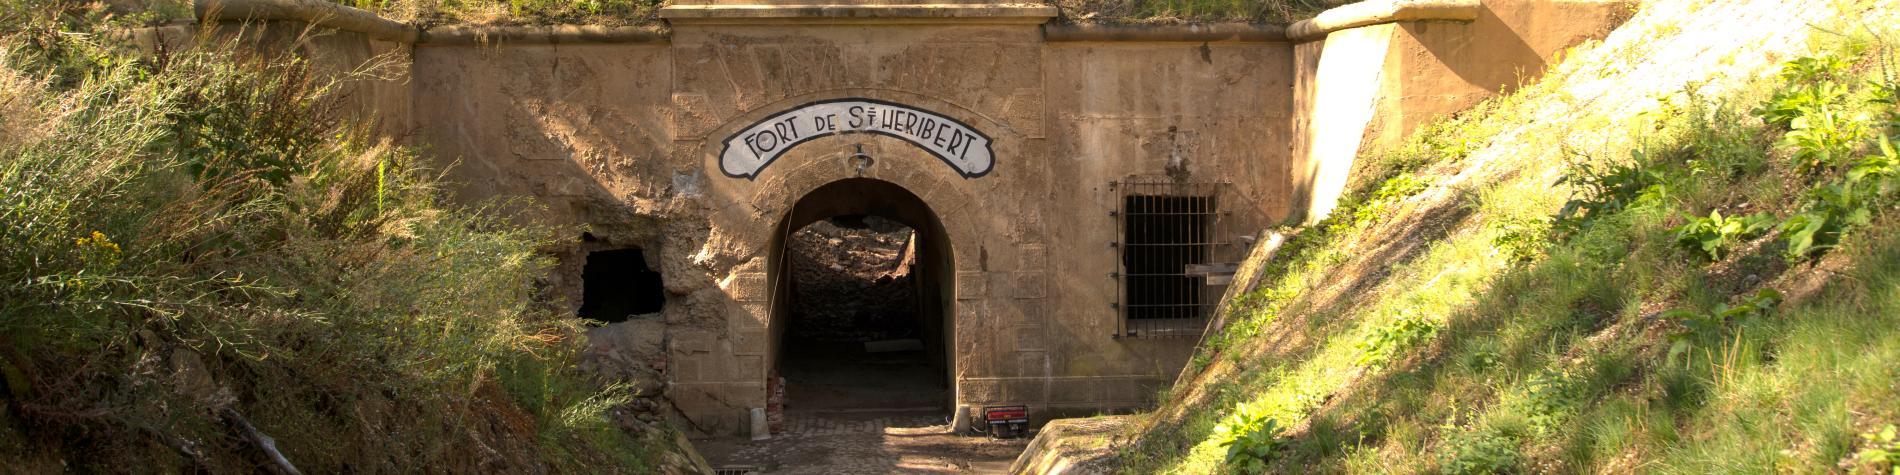 Une porte d'entrée du Fort de Héribert à Wépion